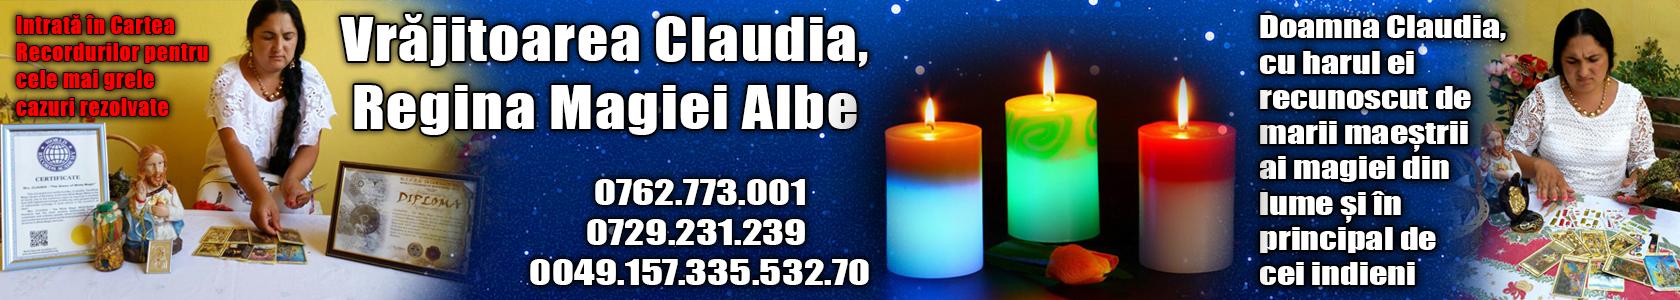 Banner Claudia 1680x300 2